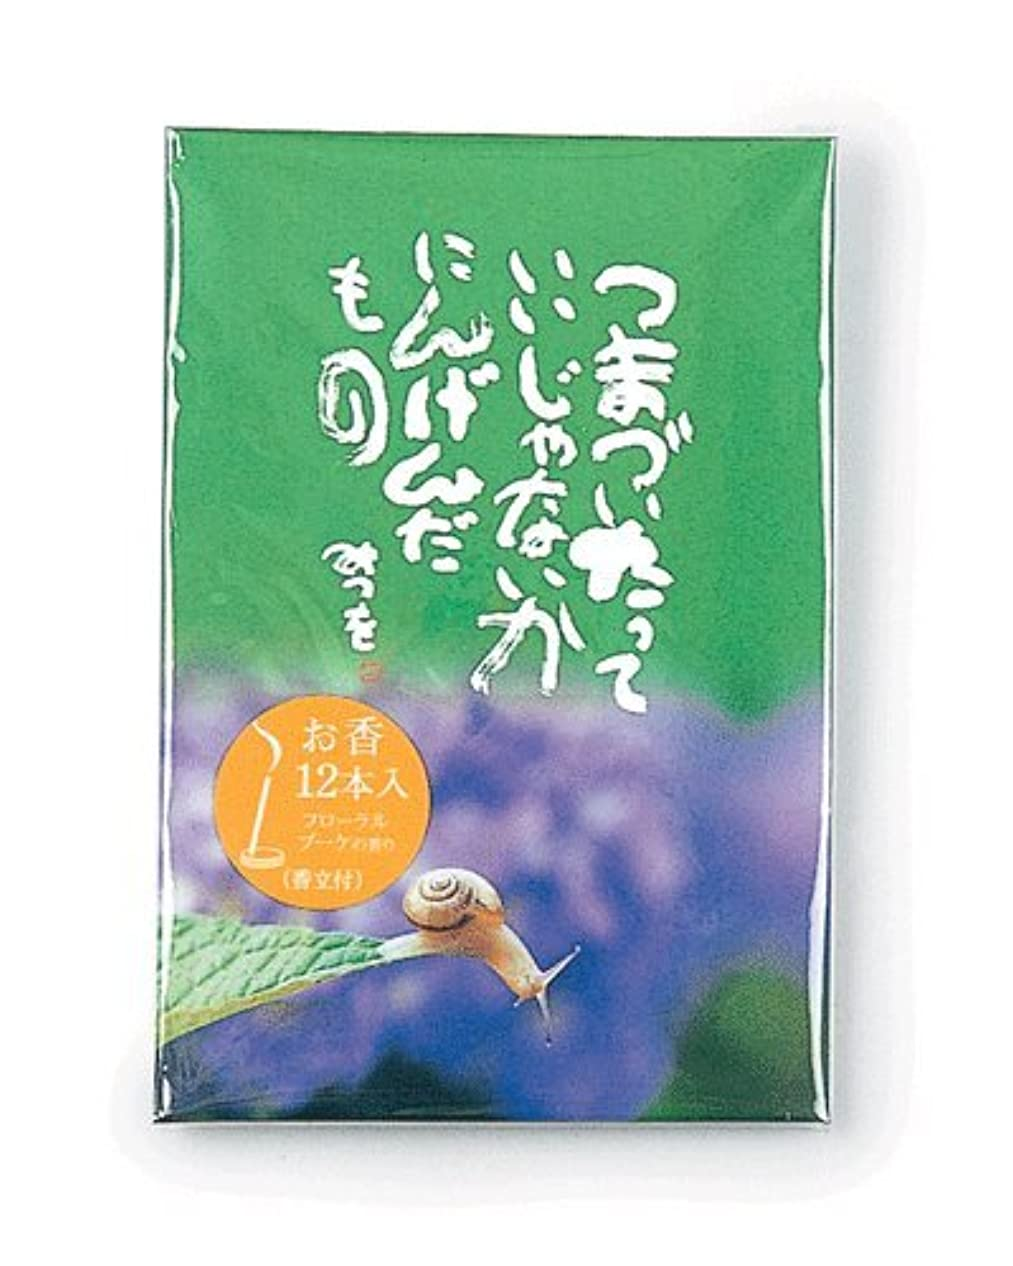 かび臭いカーペット安定相田みつをのお香 フローラルブーケ スティック12本入 【お香】